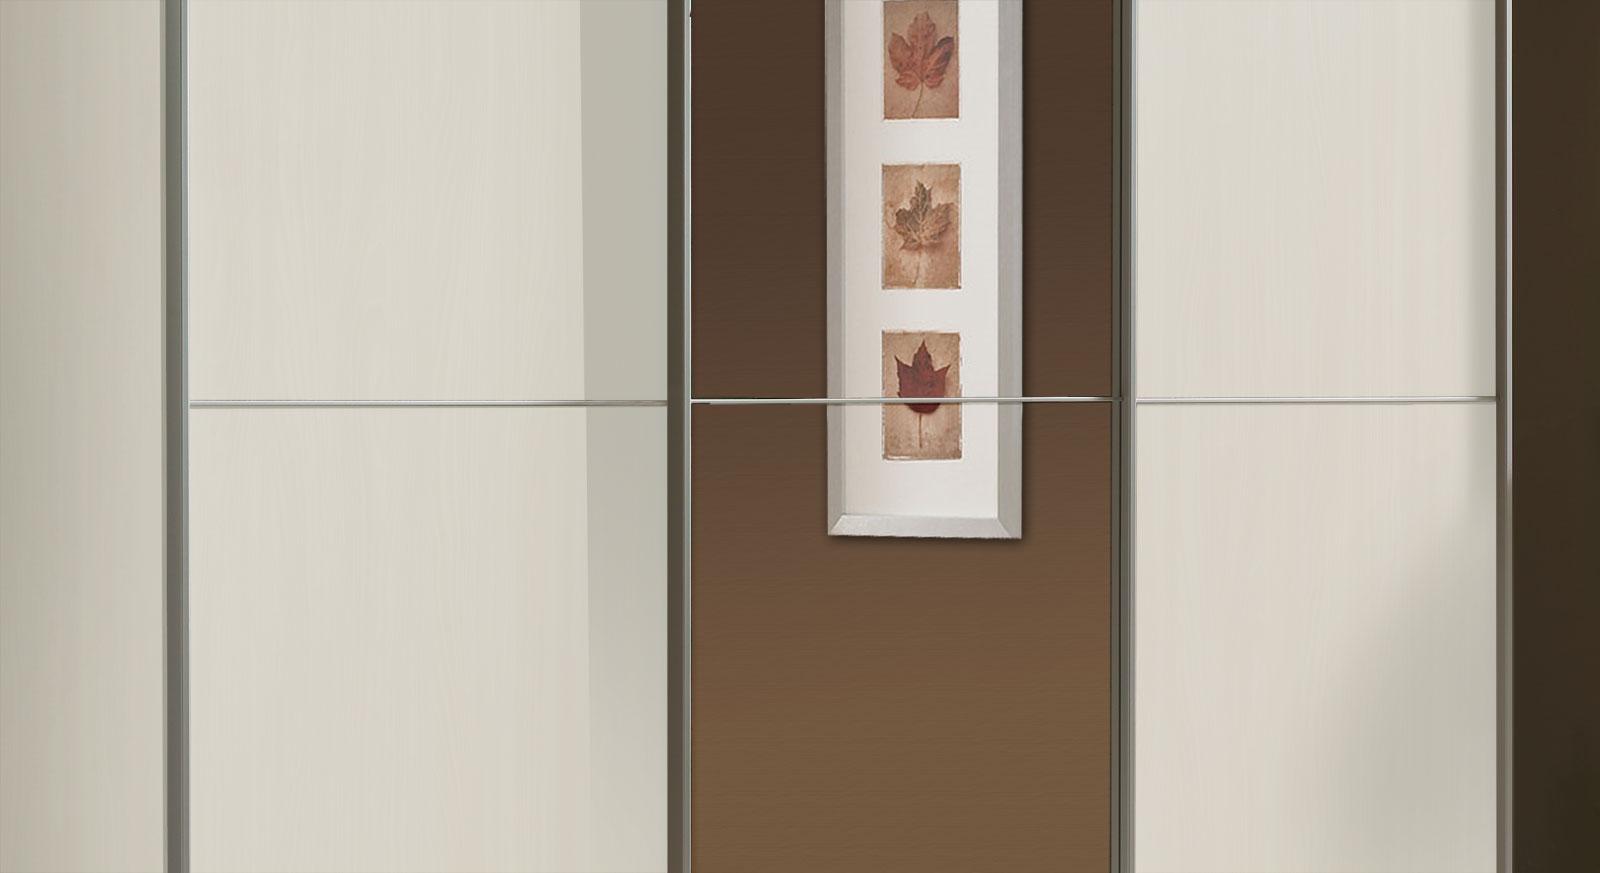 sch ne kleiderschr nke. Black Bedroom Furniture Sets. Home Design Ideas